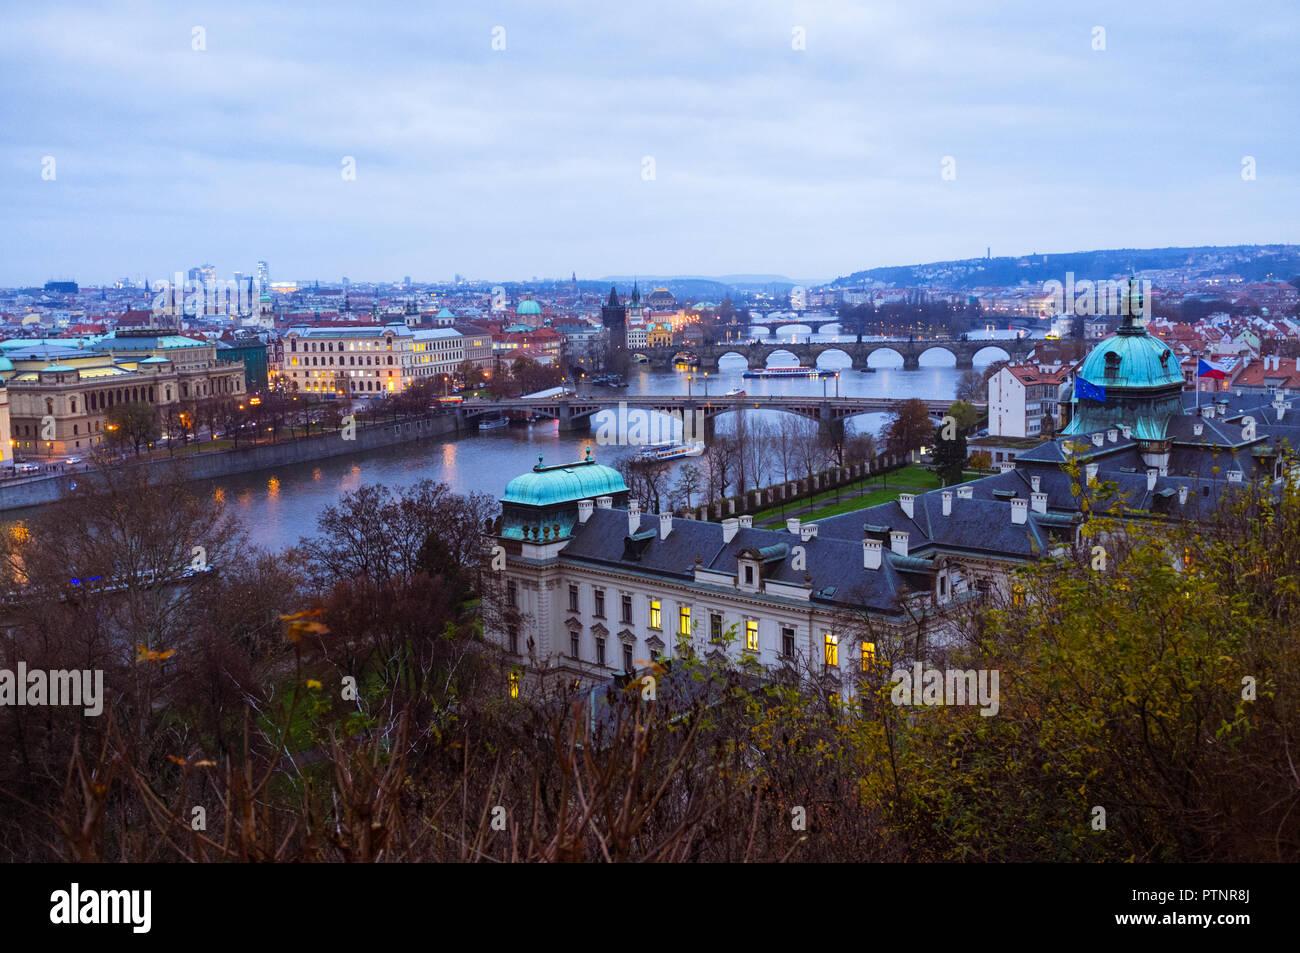 Praga, República Checa : Alta Vista angular de los puentes sobre el río Vltava, visto desde la colina de Letná. Foto de stock